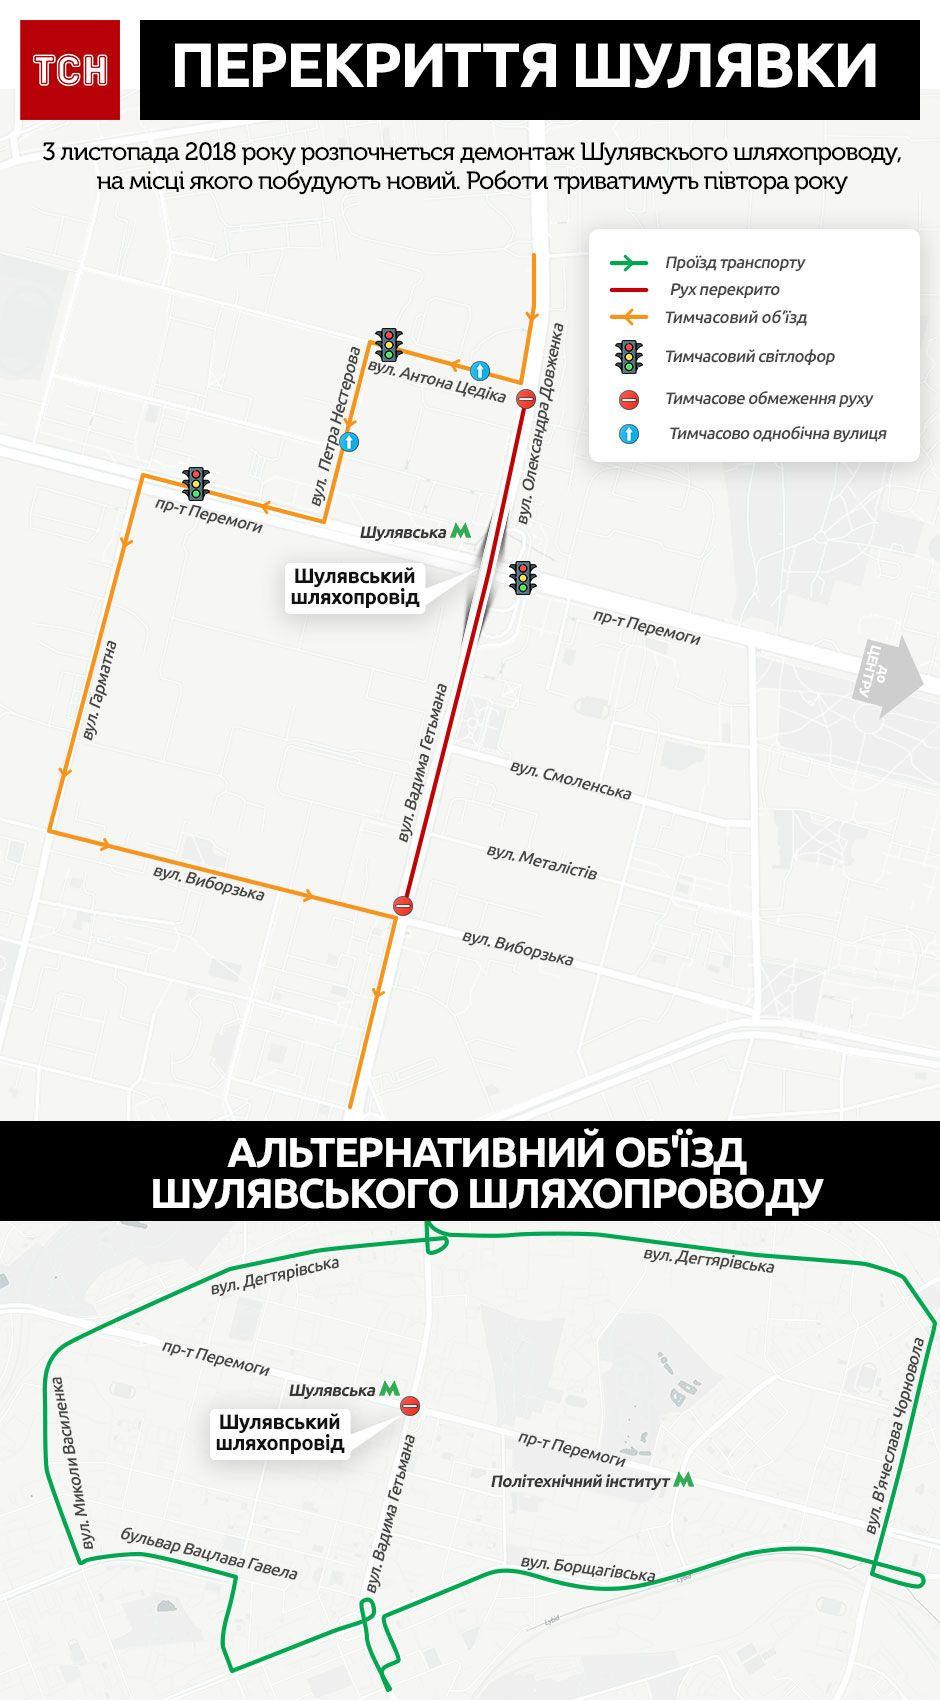 демонтаж Шулявського шляхопроводу, Шулявка, інфографіка